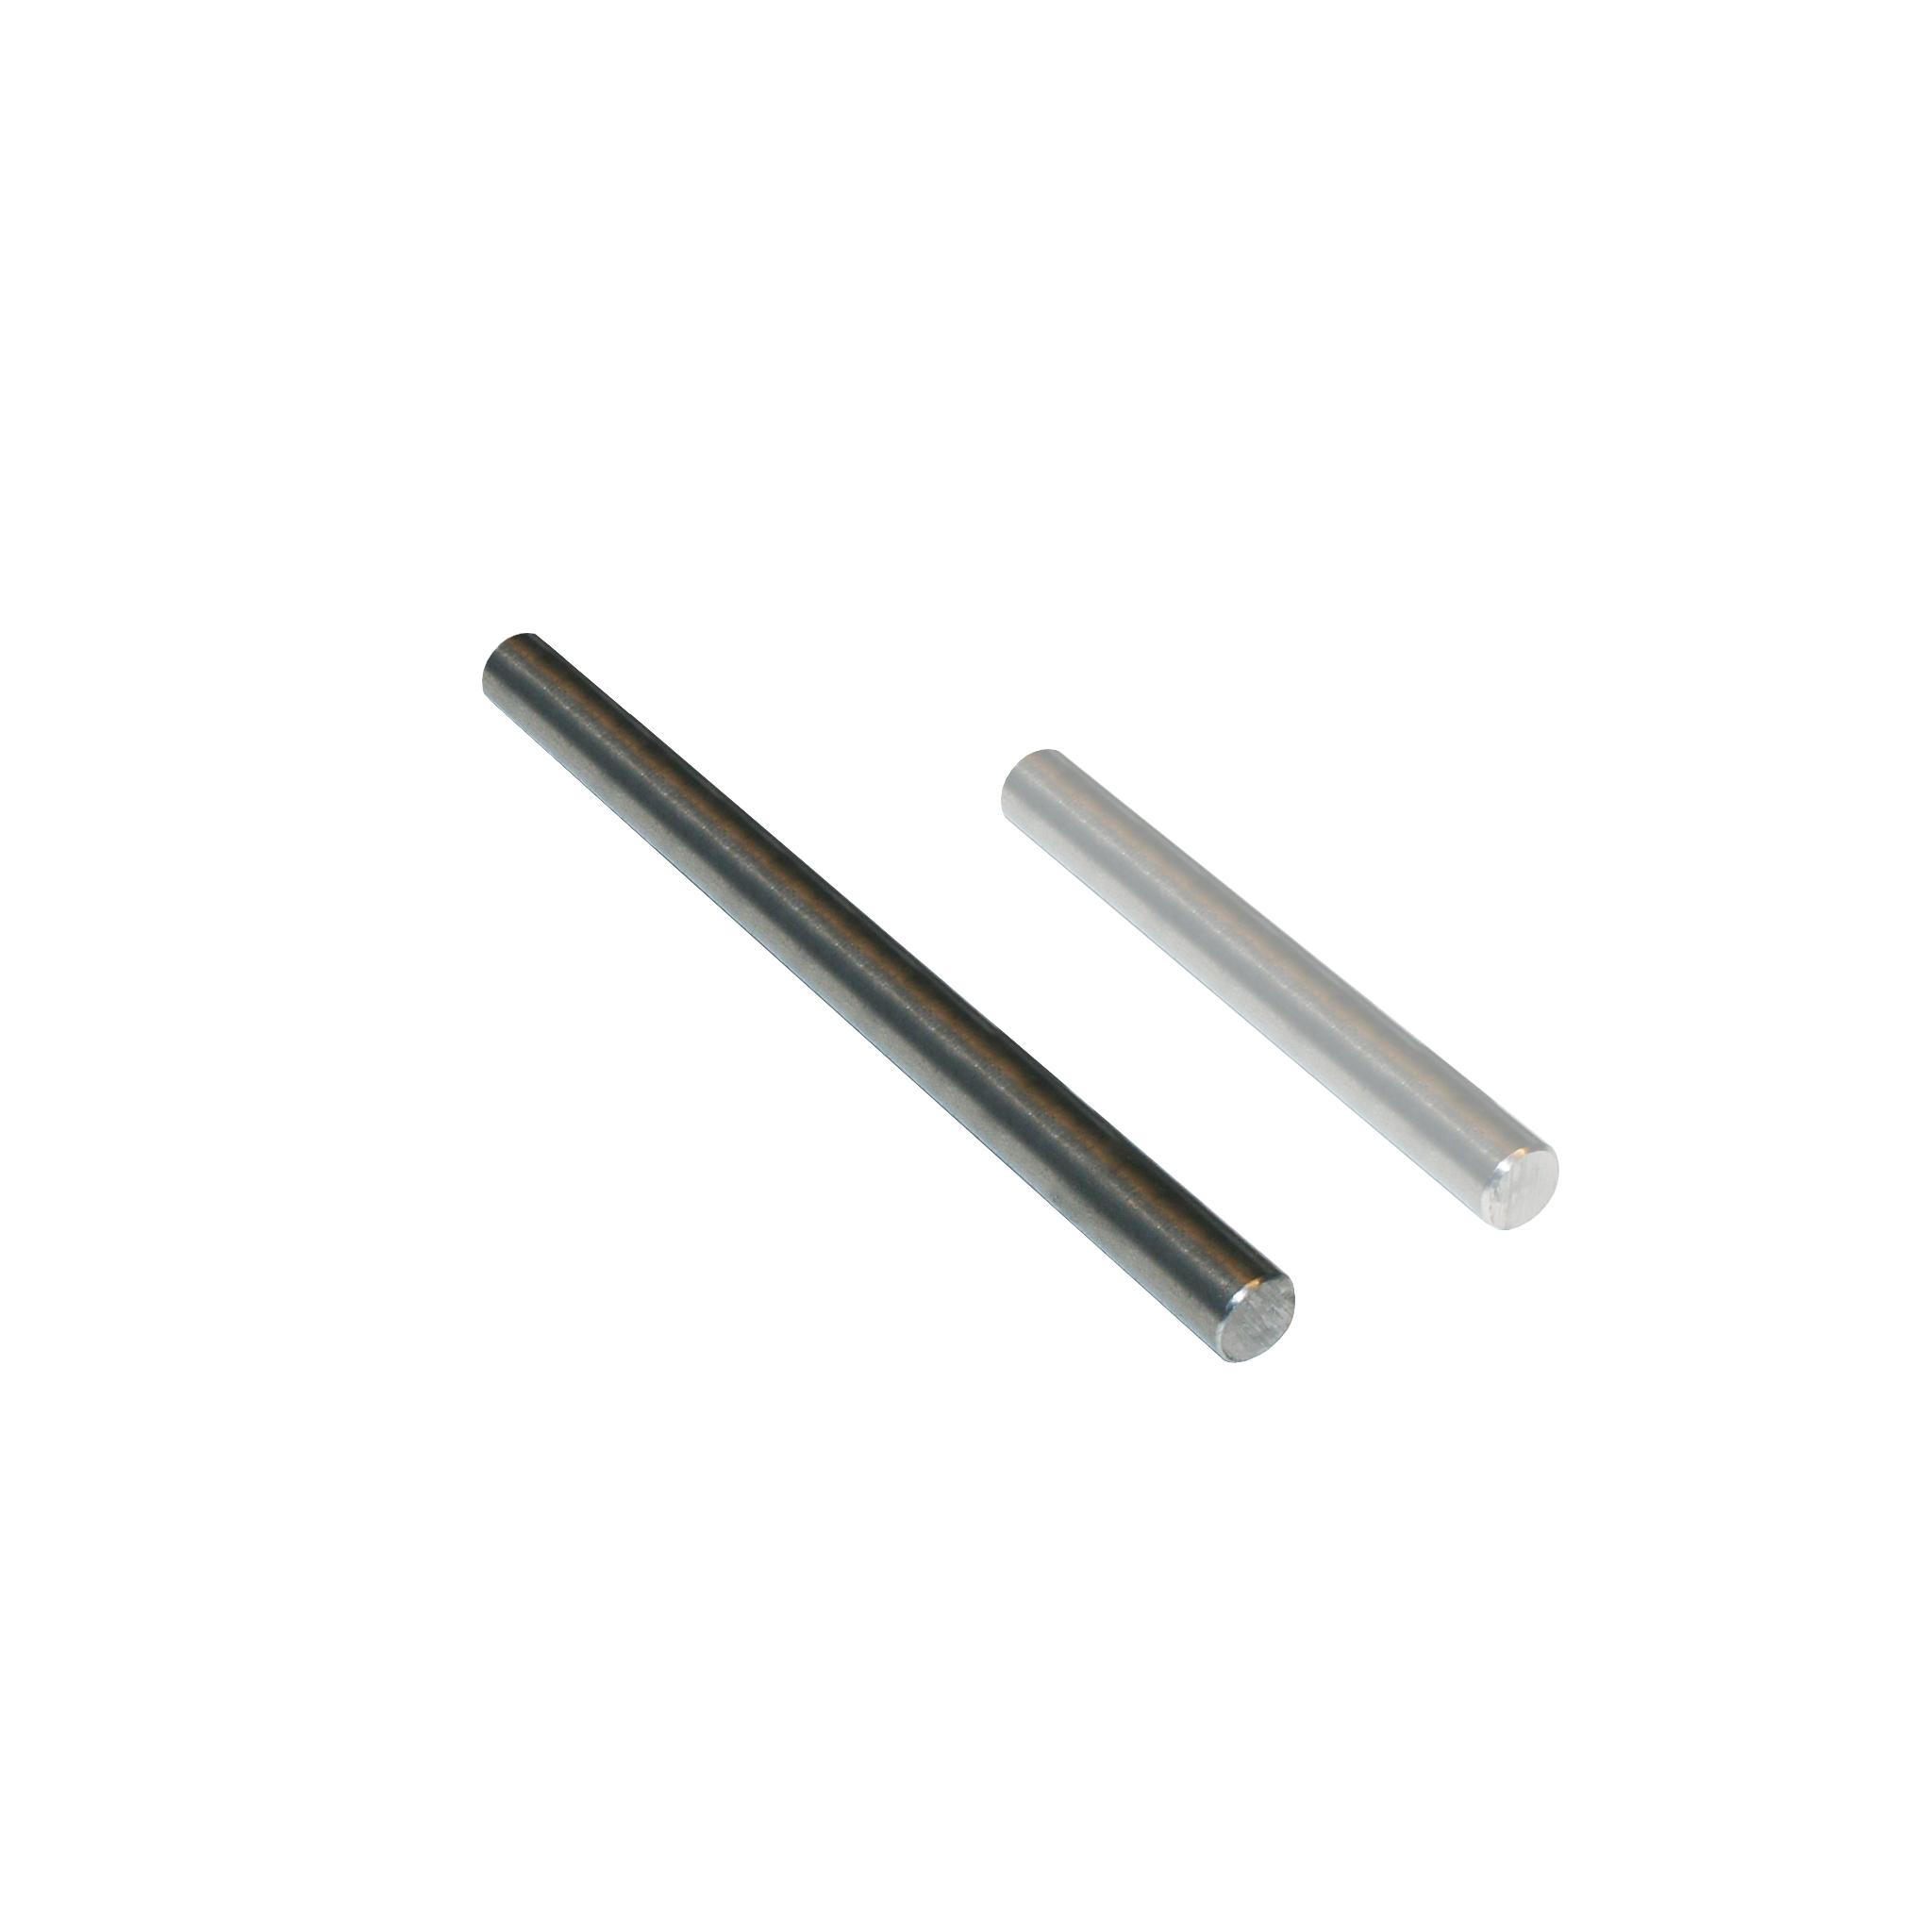 Metal shaft for holder